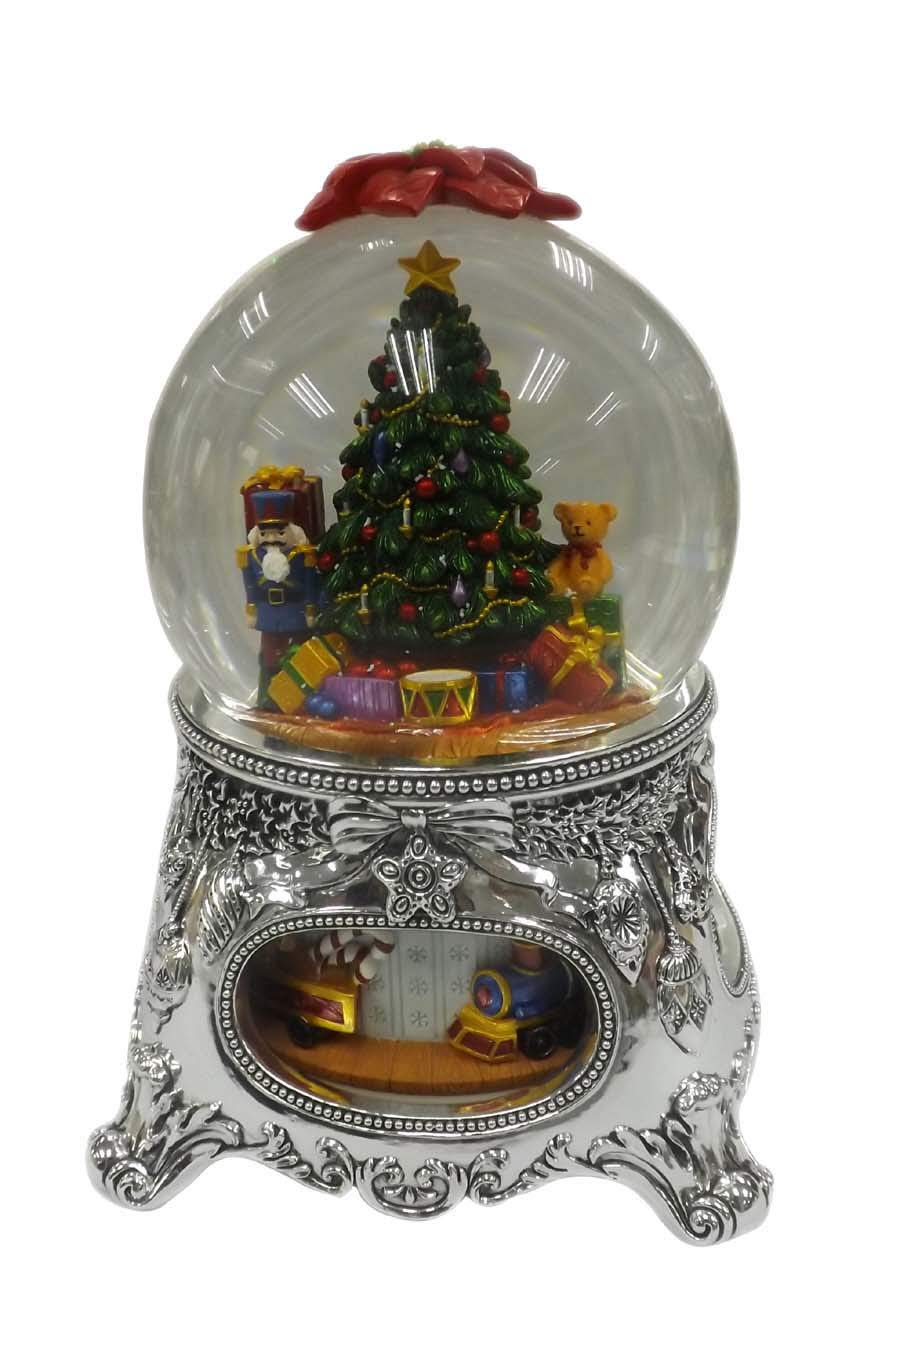 新しい季節 MusicBox MusicBox Kingdom 56055クリスマスツリースノーグローブオルゴール B01HEQJ1VQ、